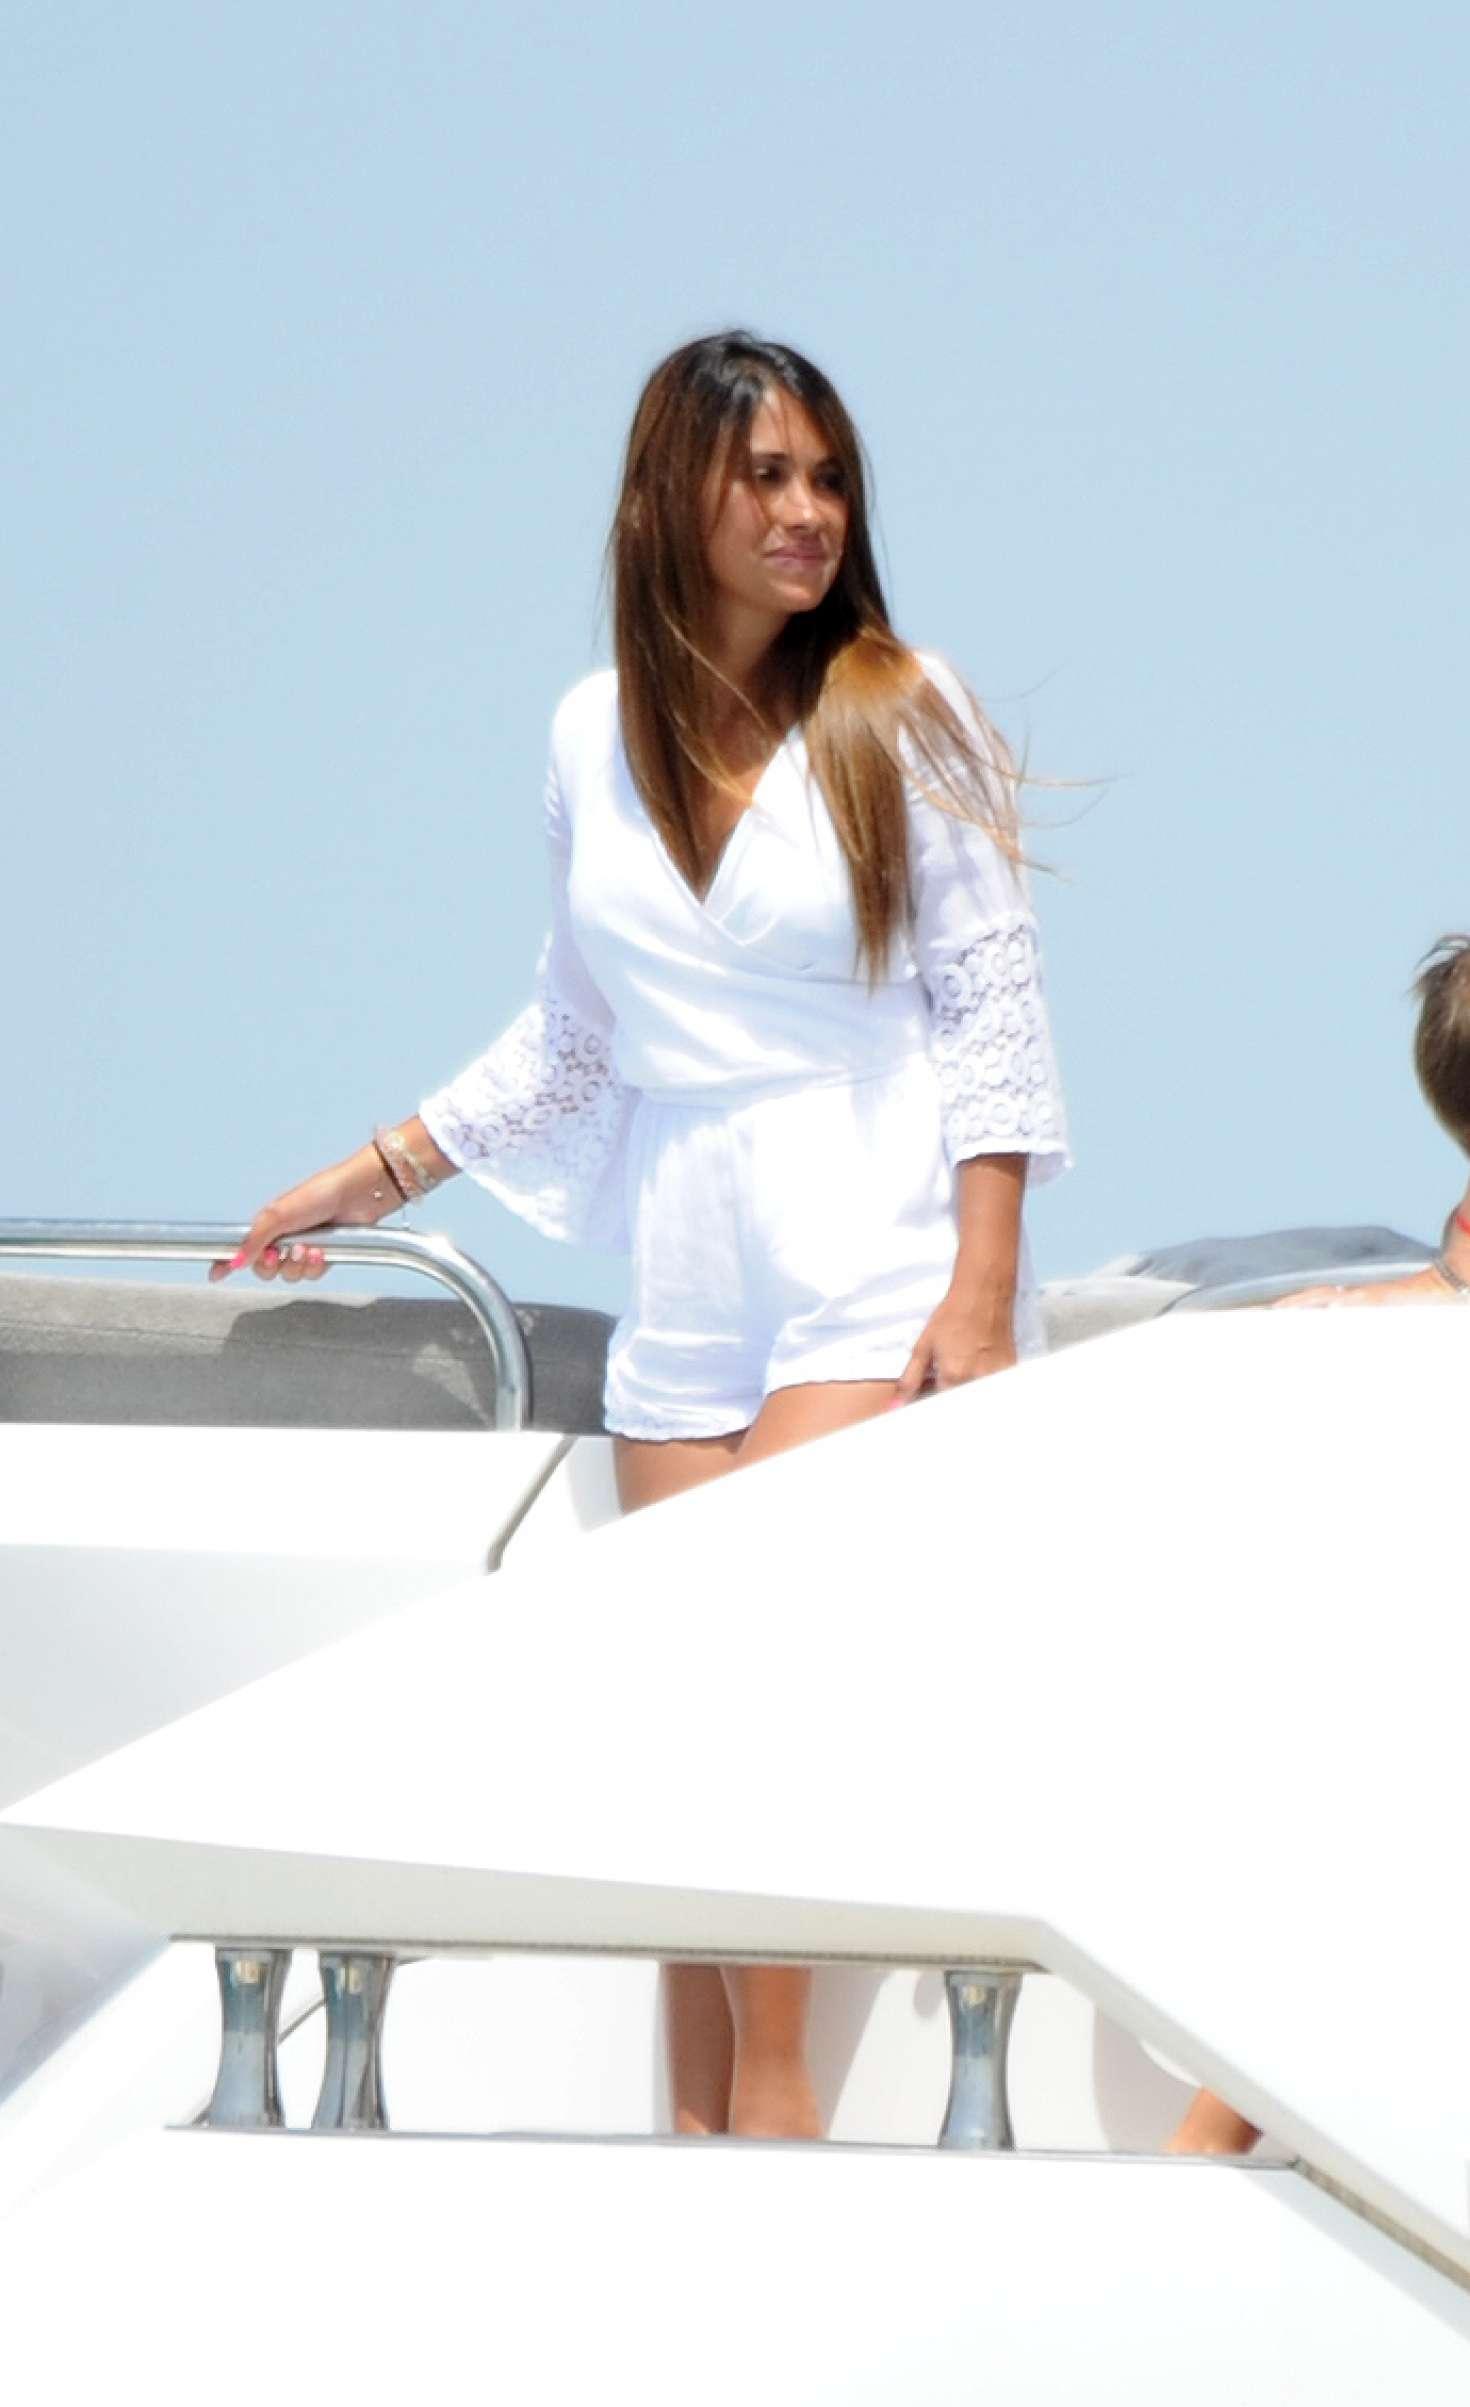 Antonella Roccuzzo on a boat in Sevilla  GotCeleb